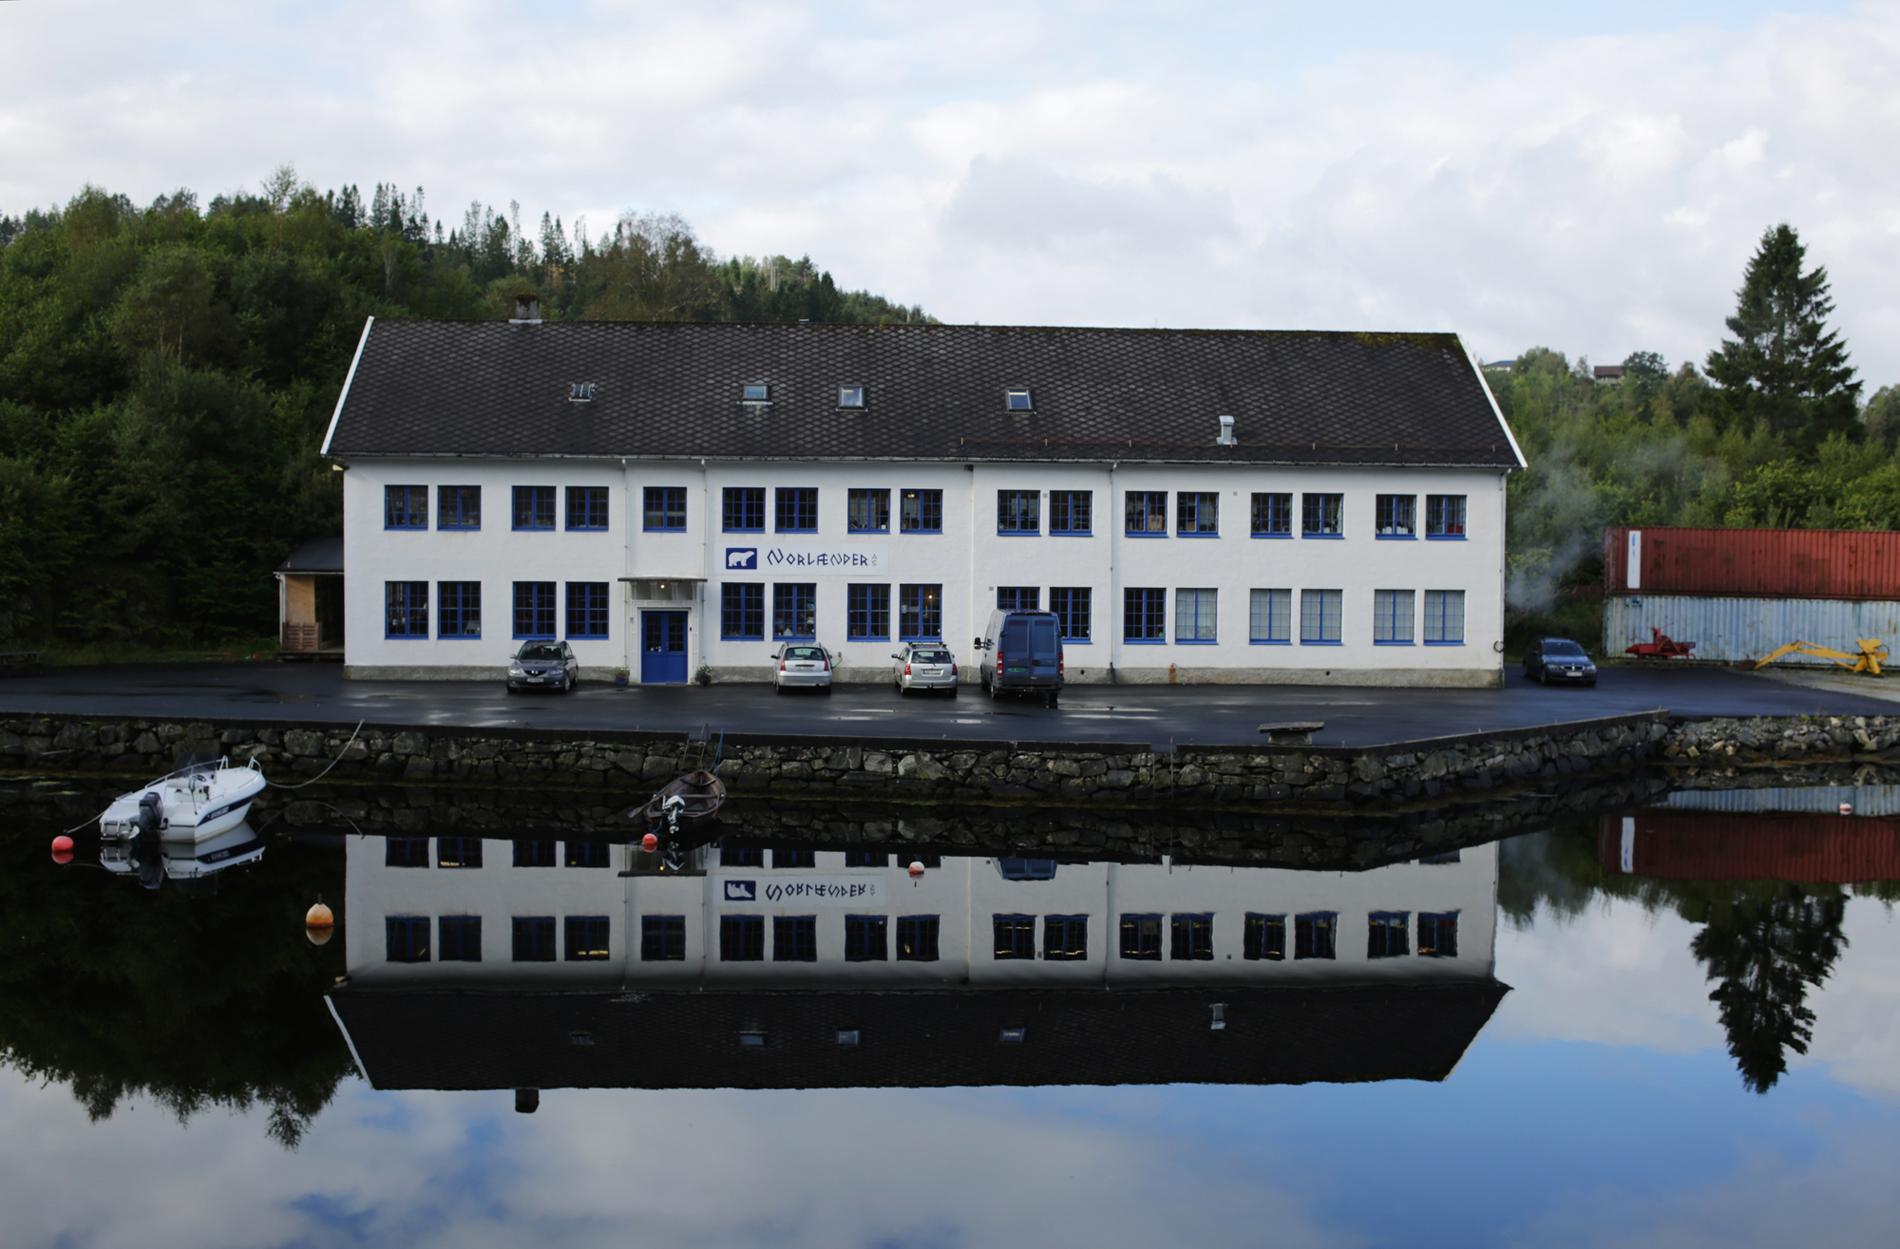 Fabrikken Norlender Knitwear ved brygga i Lonevåg på Osterøy. Foto: Hanne Dale